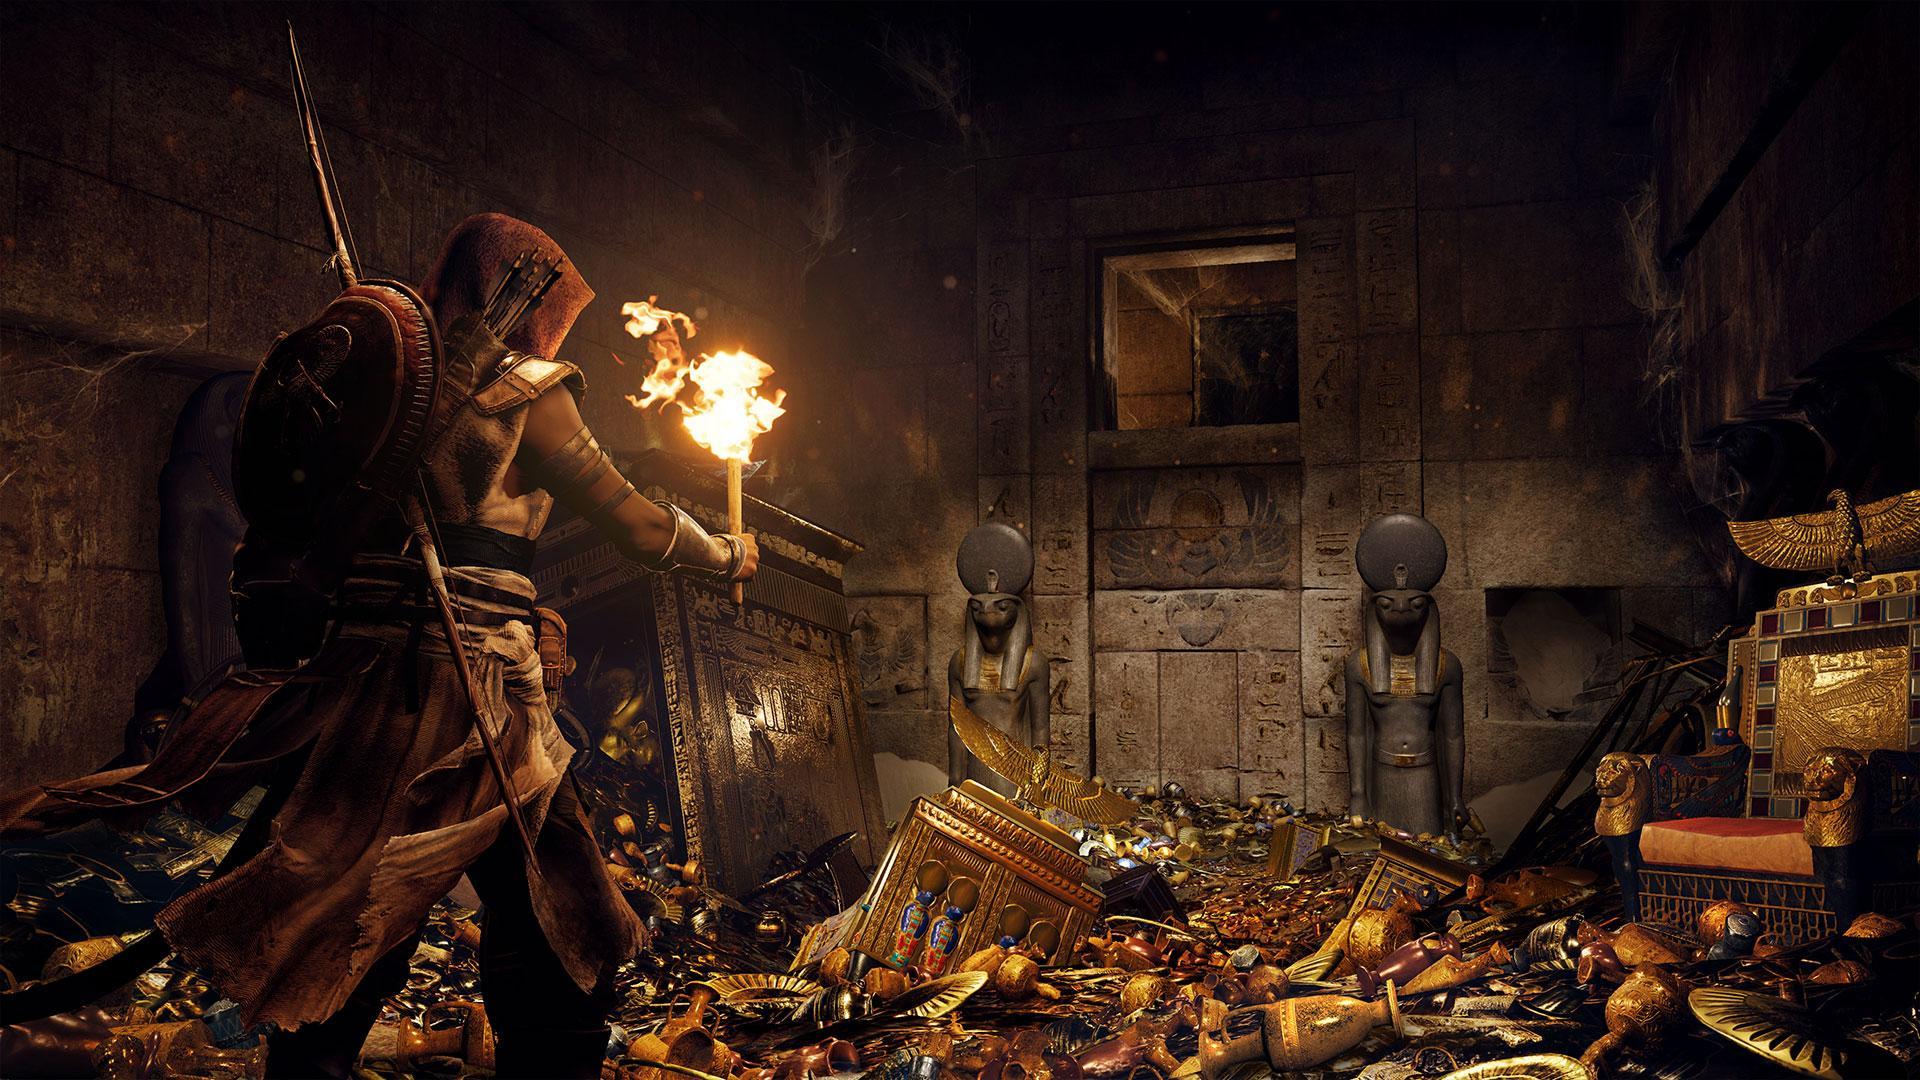 Localização e soluções das tumbas em Assassins Creed Origins